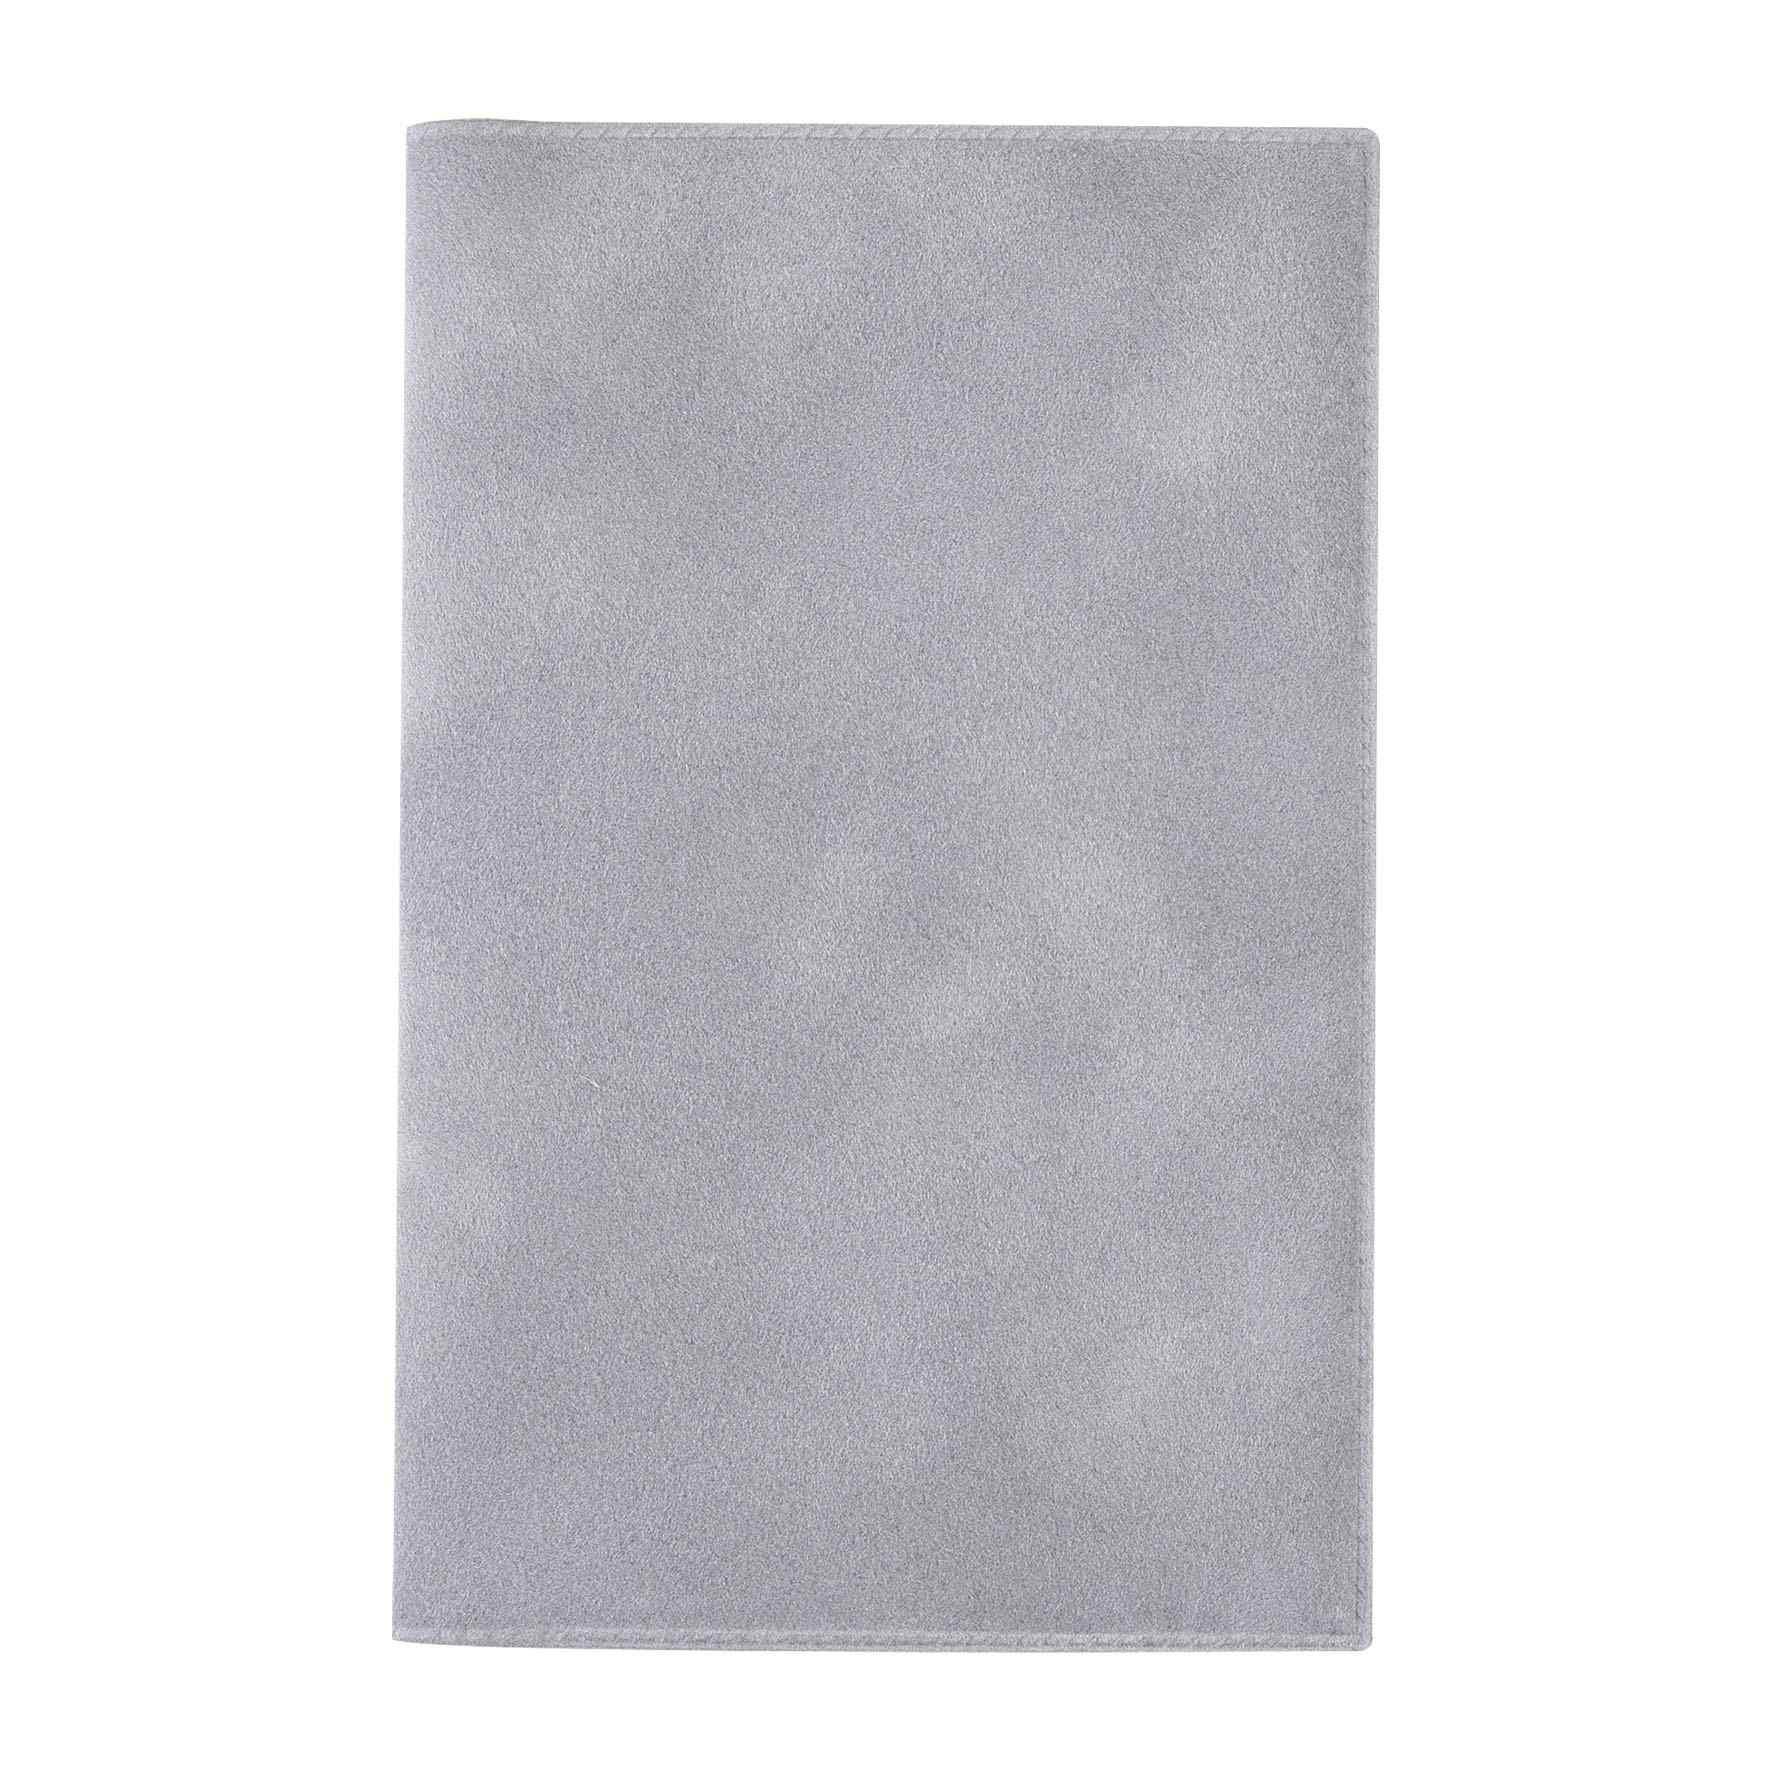 Porte-carte grise publicitaire 3 volets Motor - Goodies